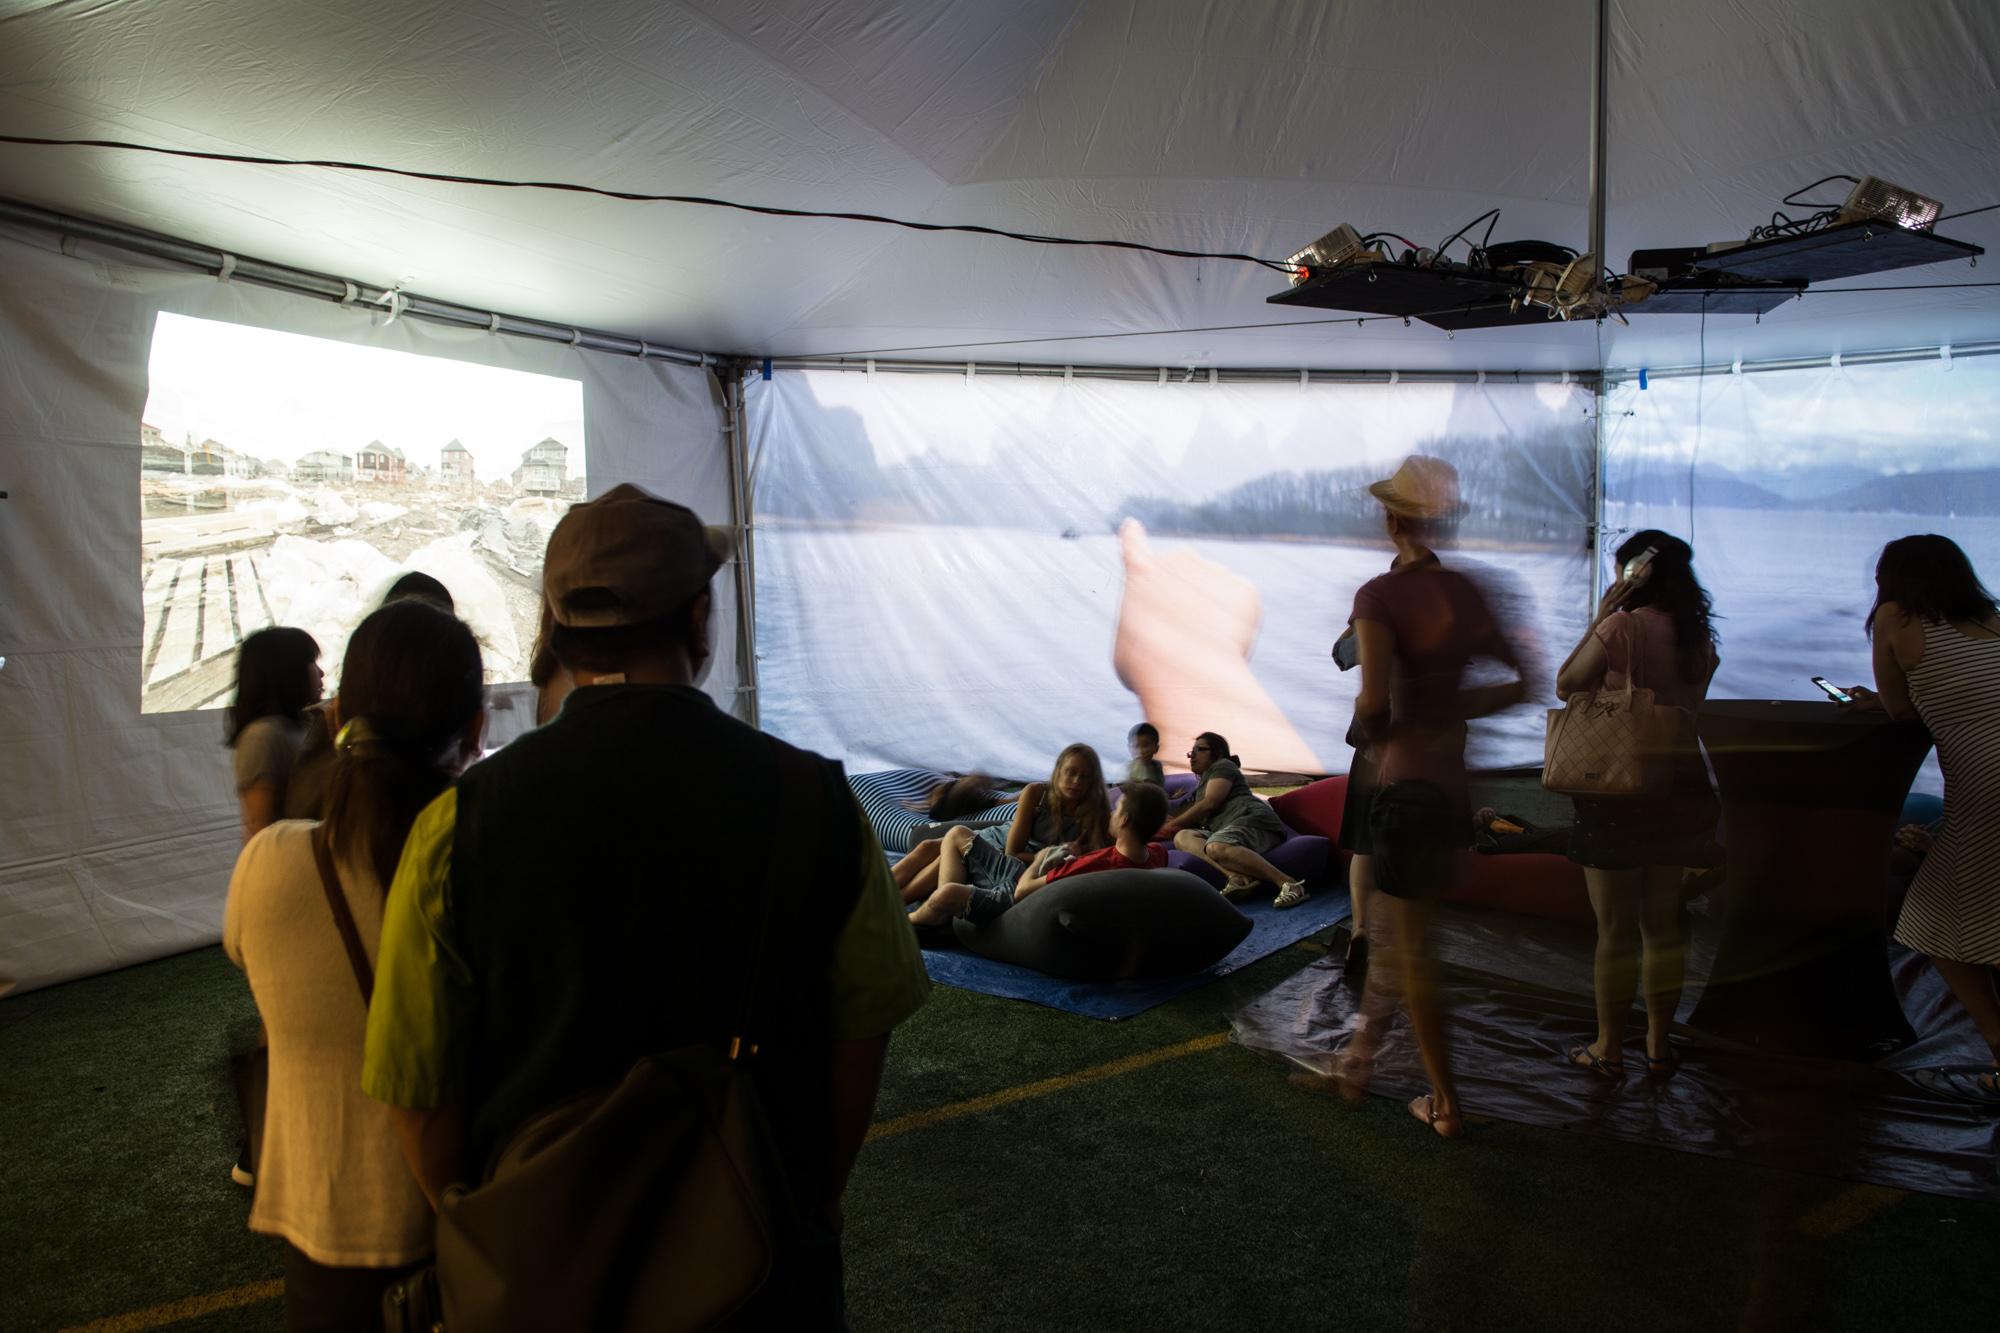 Chill Tent at Digital Carnival 2017. Ash Tanasiychuk photo.